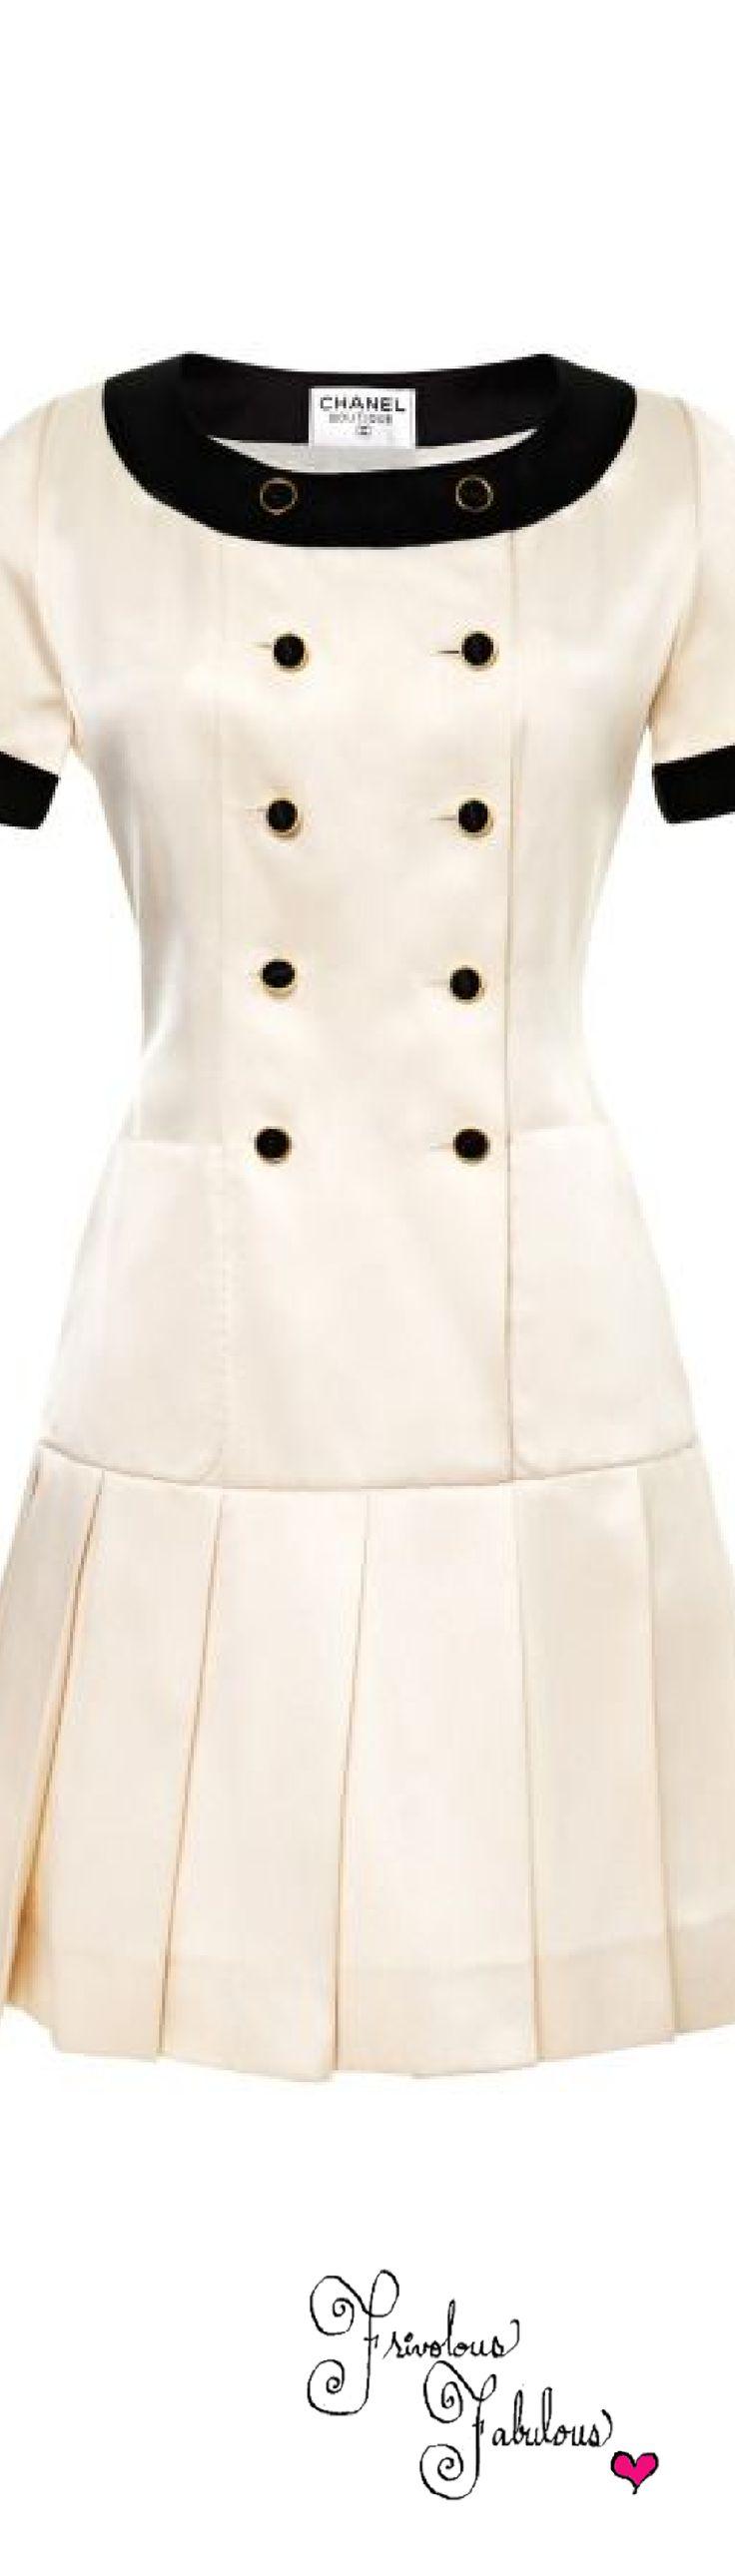 Frivolous Fabulous - Vintage Chanel Dress jαɢlαdy